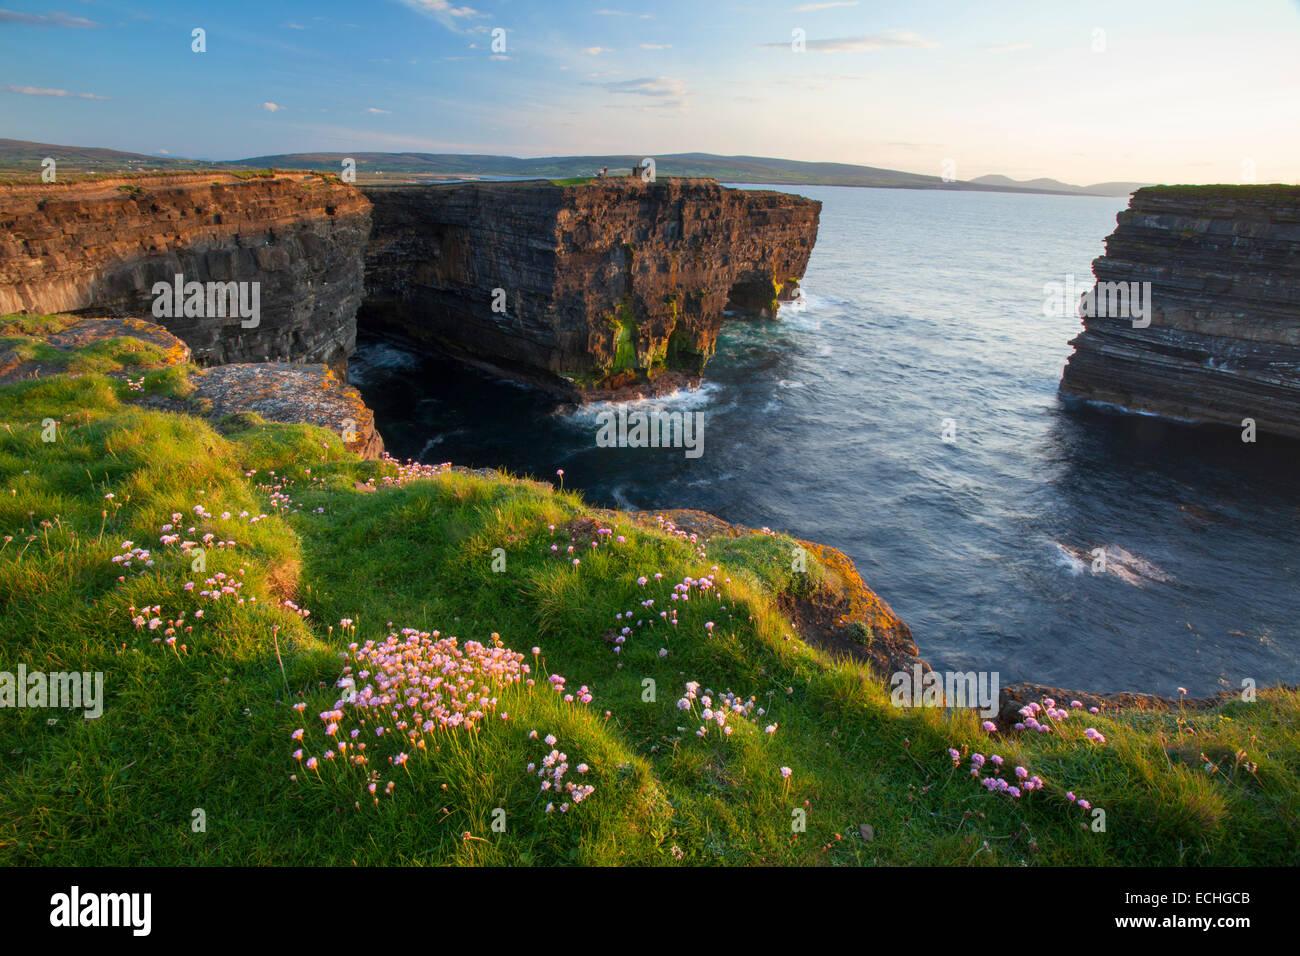 Sparsamkeit auf der Klippe in Downpatrick, County Mayo, Irland wächst. Stockbild